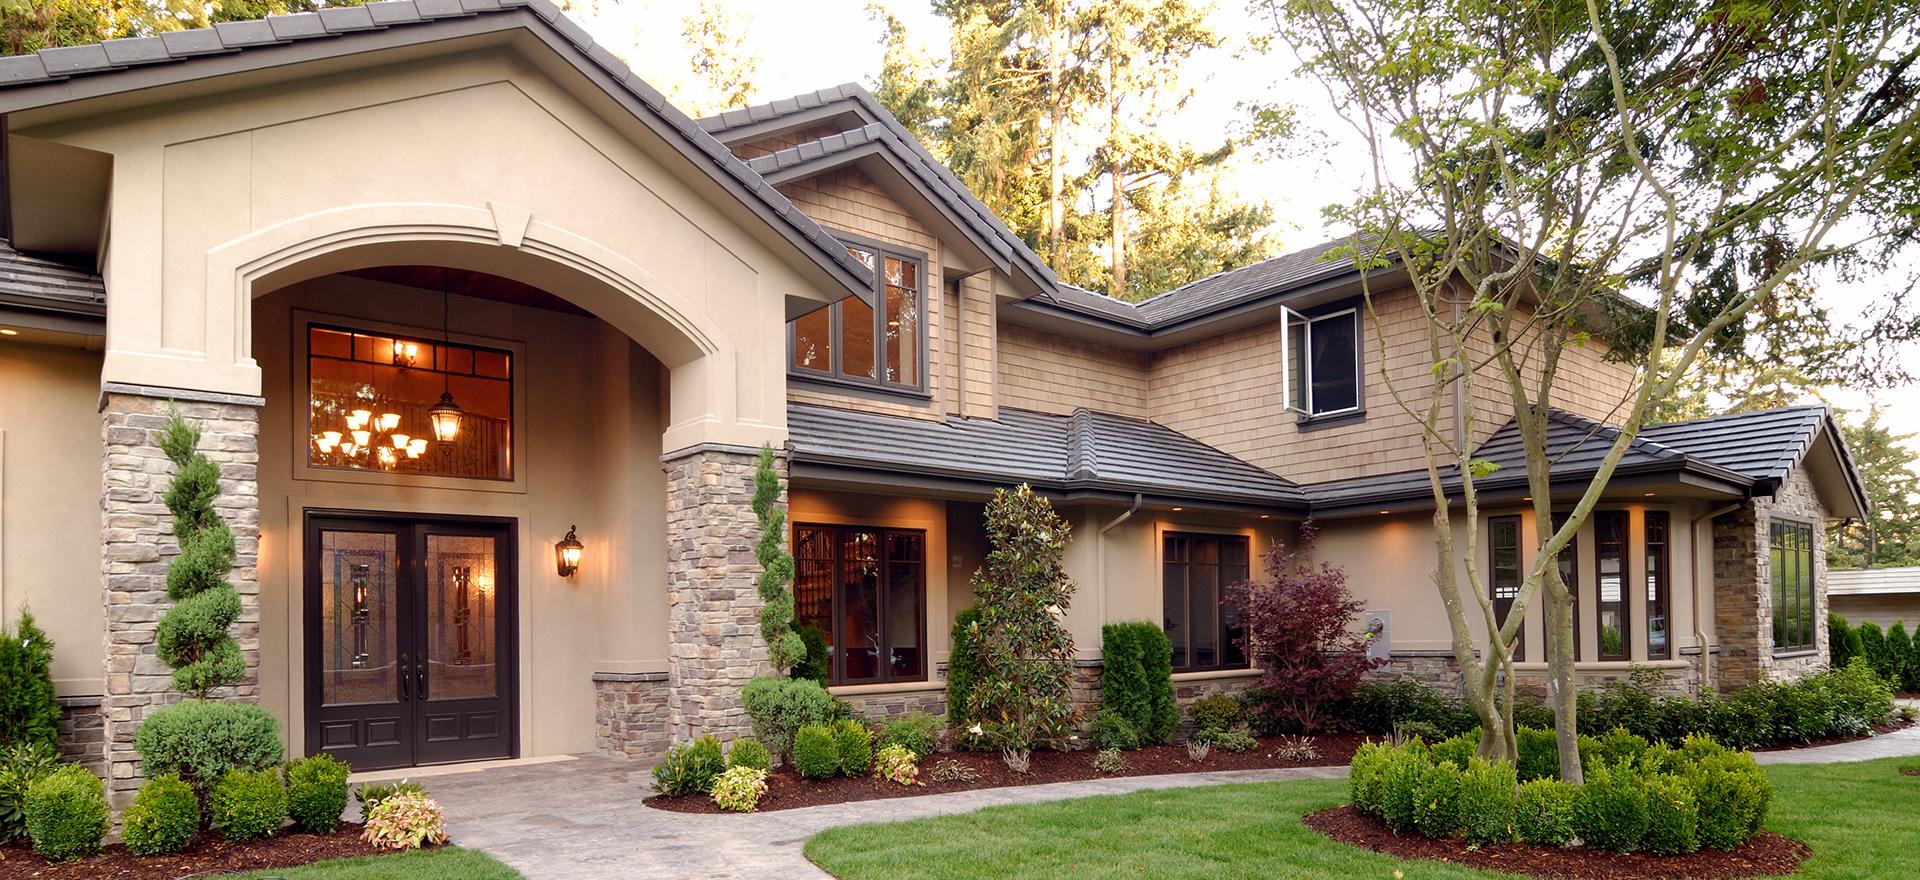 خانه هوشمند سبز